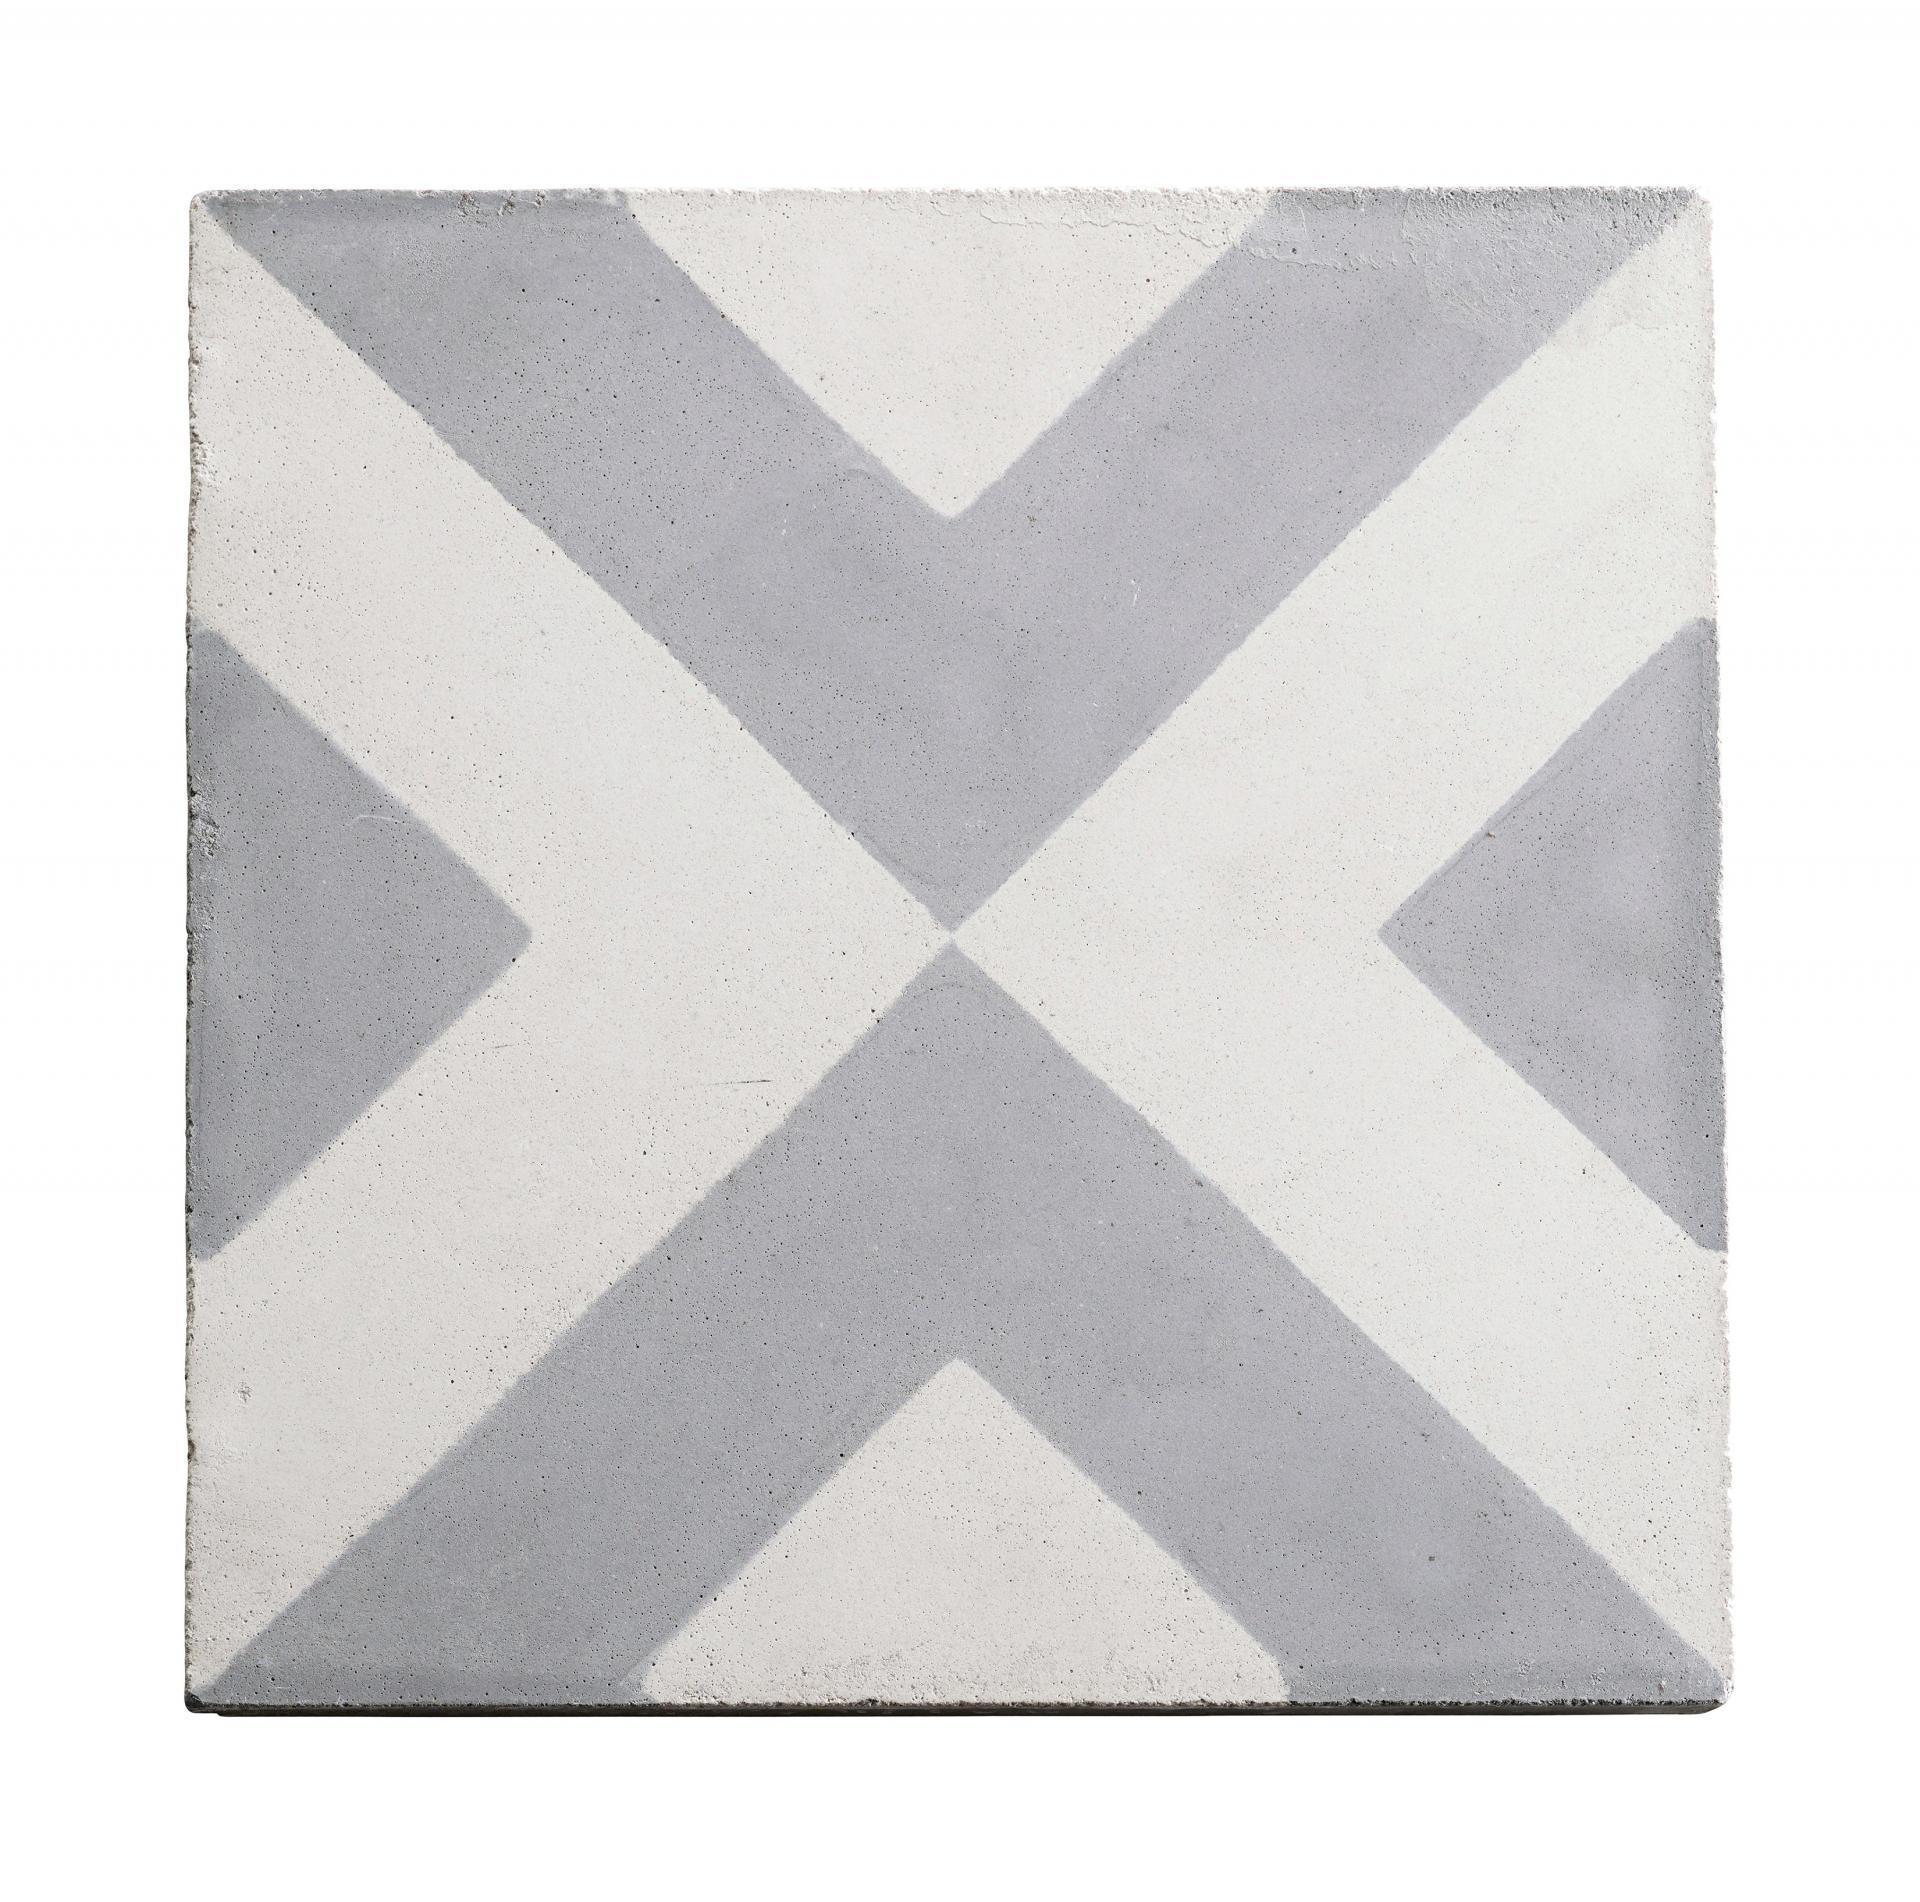 tineKhome Cementová kachle Grey Pattern, šedá barva, beton